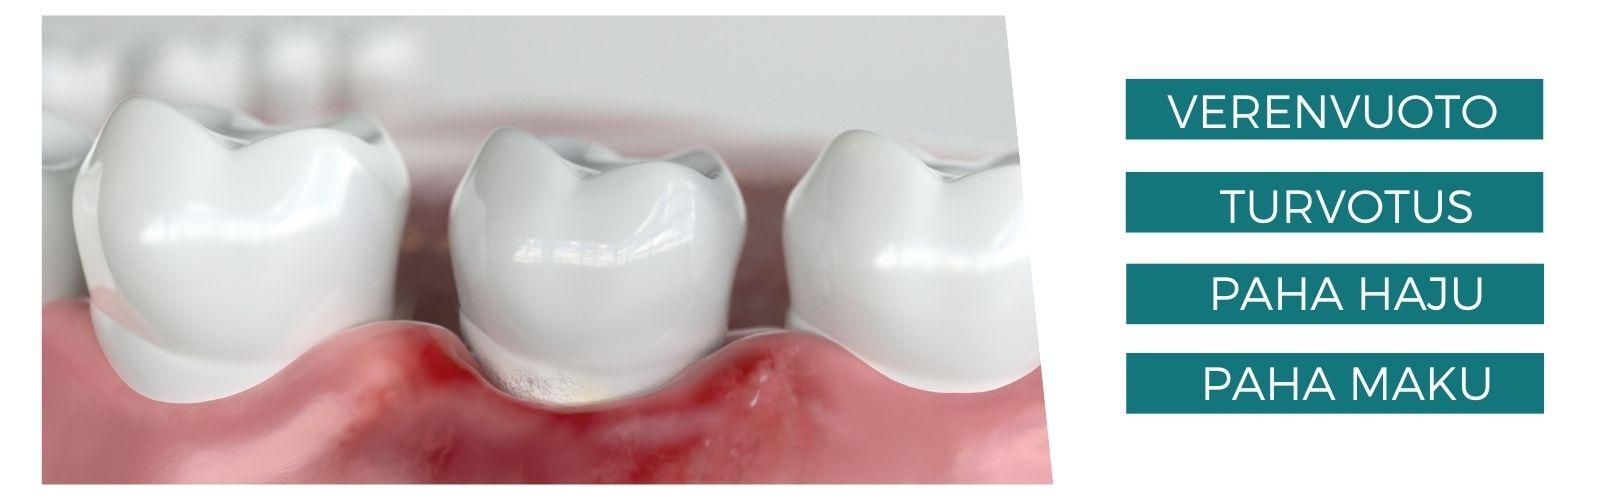 IENTULEHDUS oireet parodontiitti